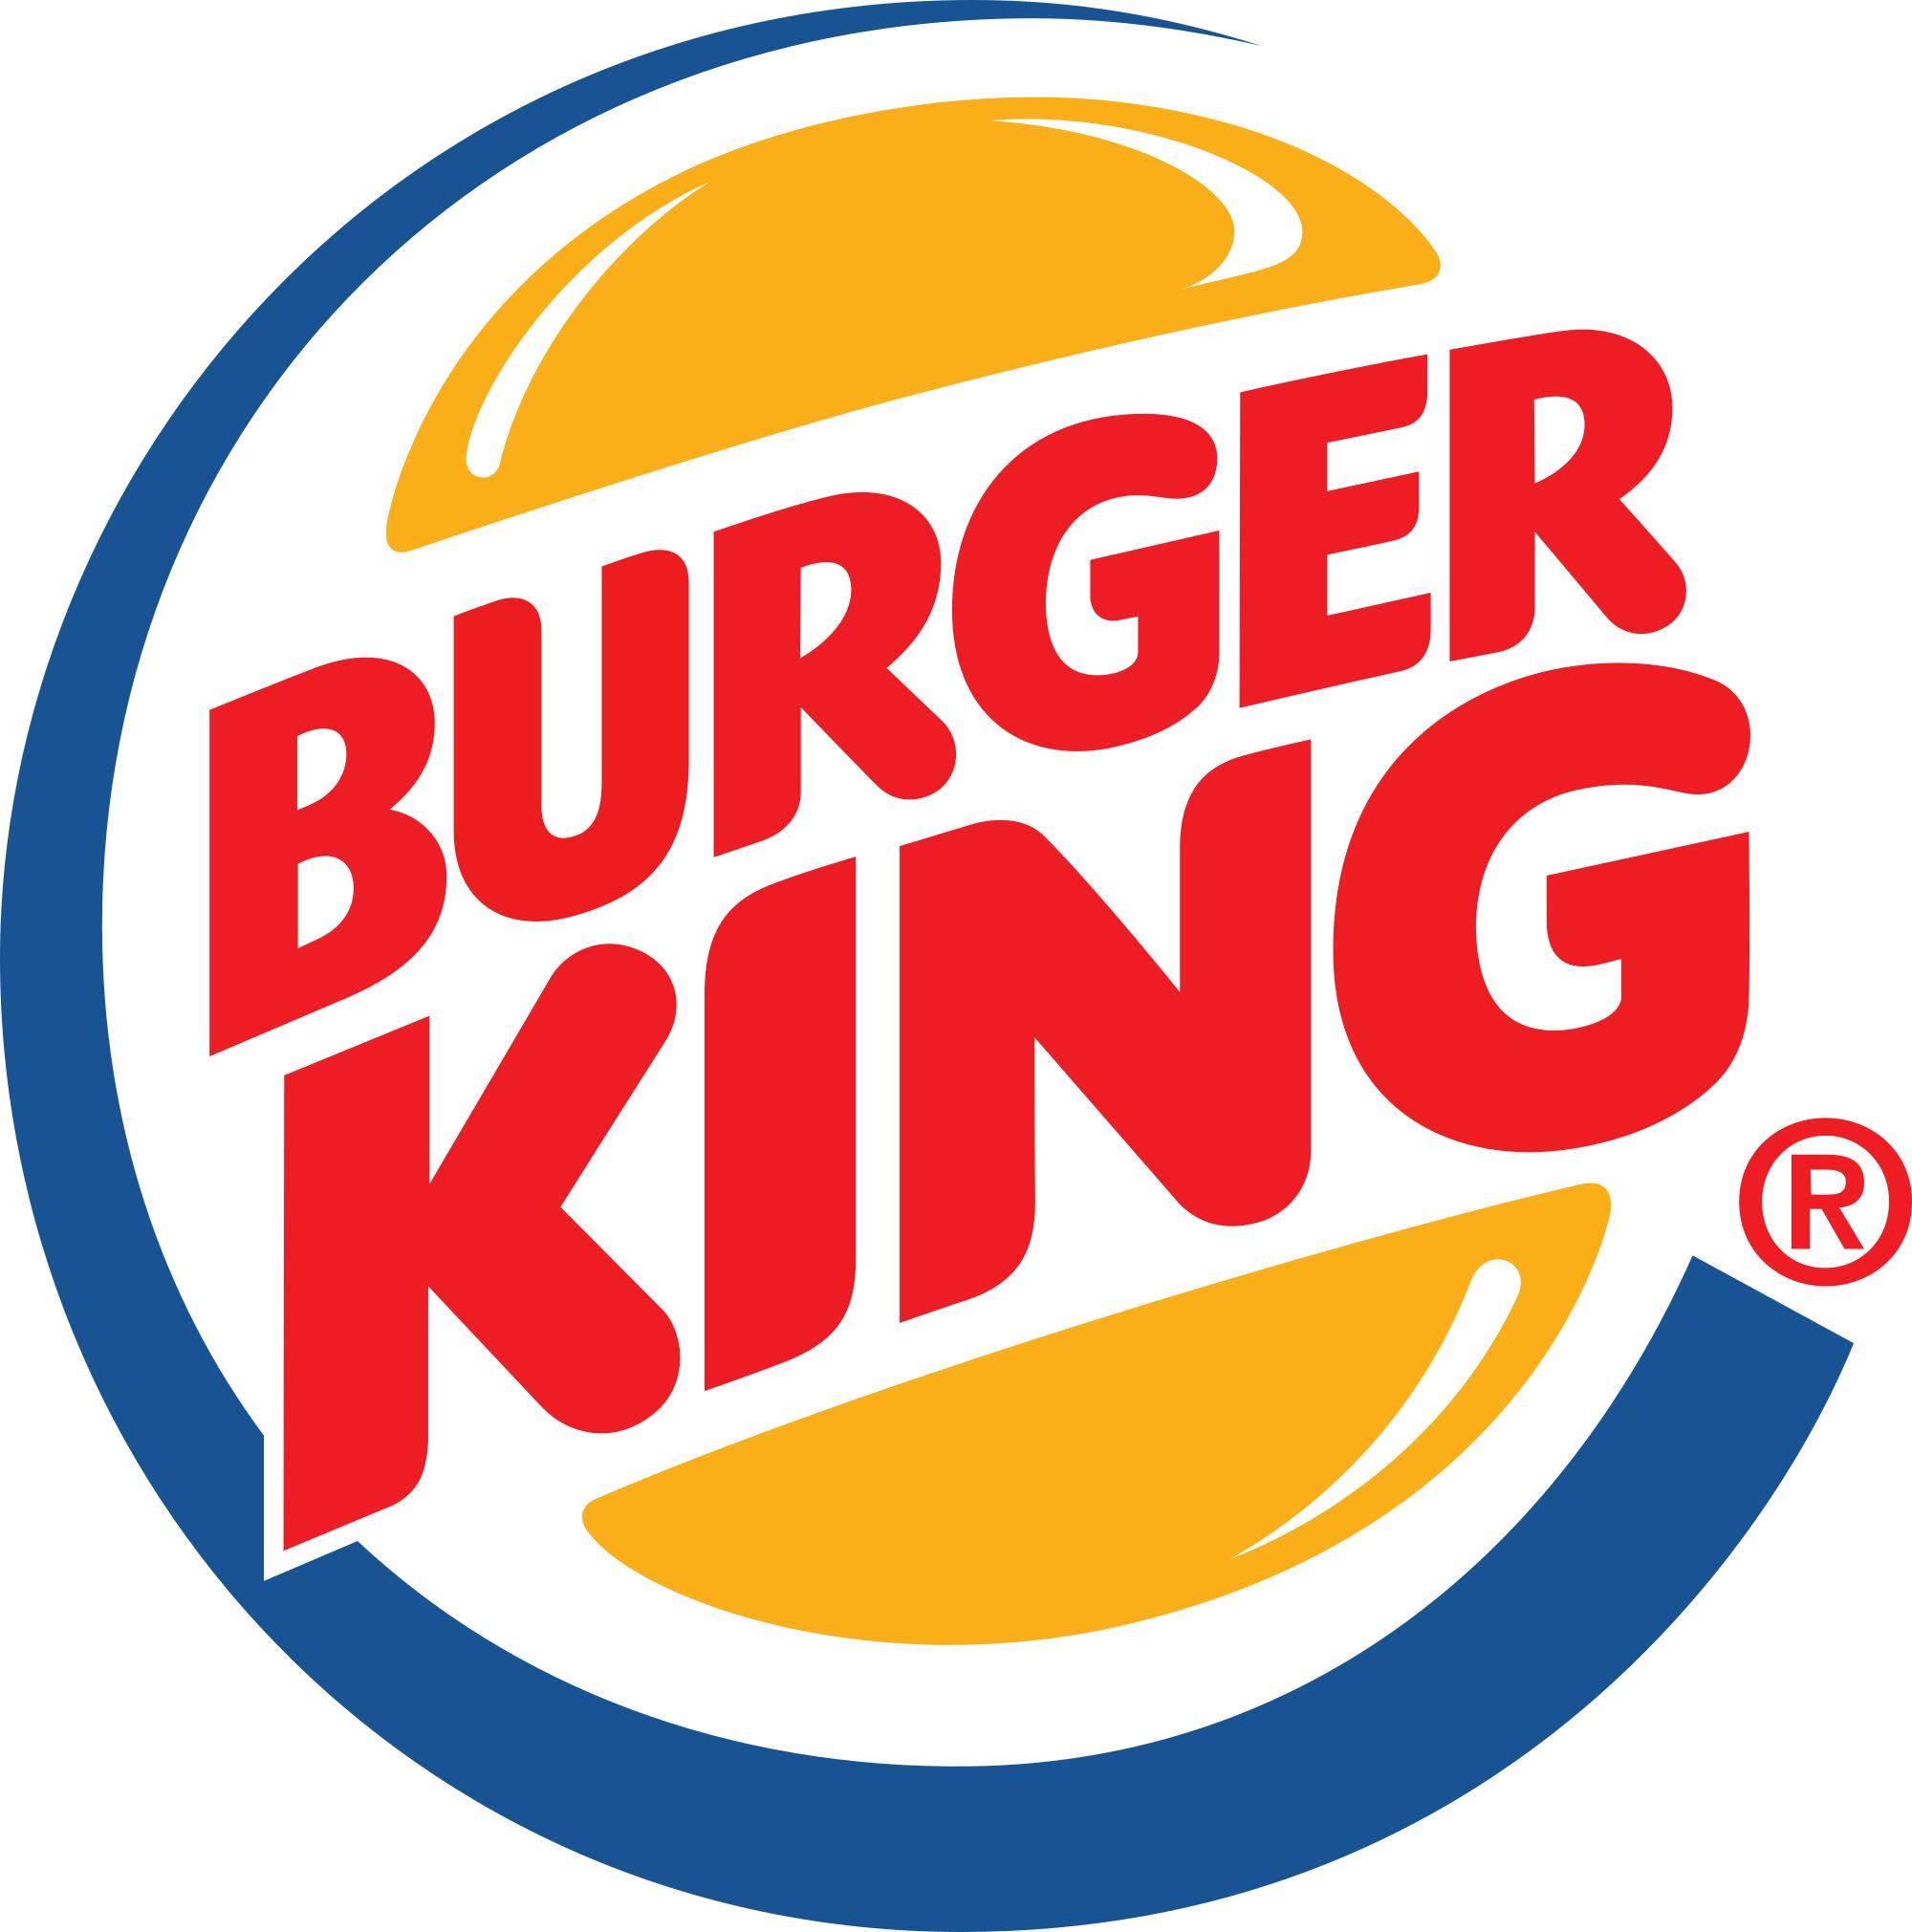 10% cashback at Burger King via Santander offers (£30 reward)